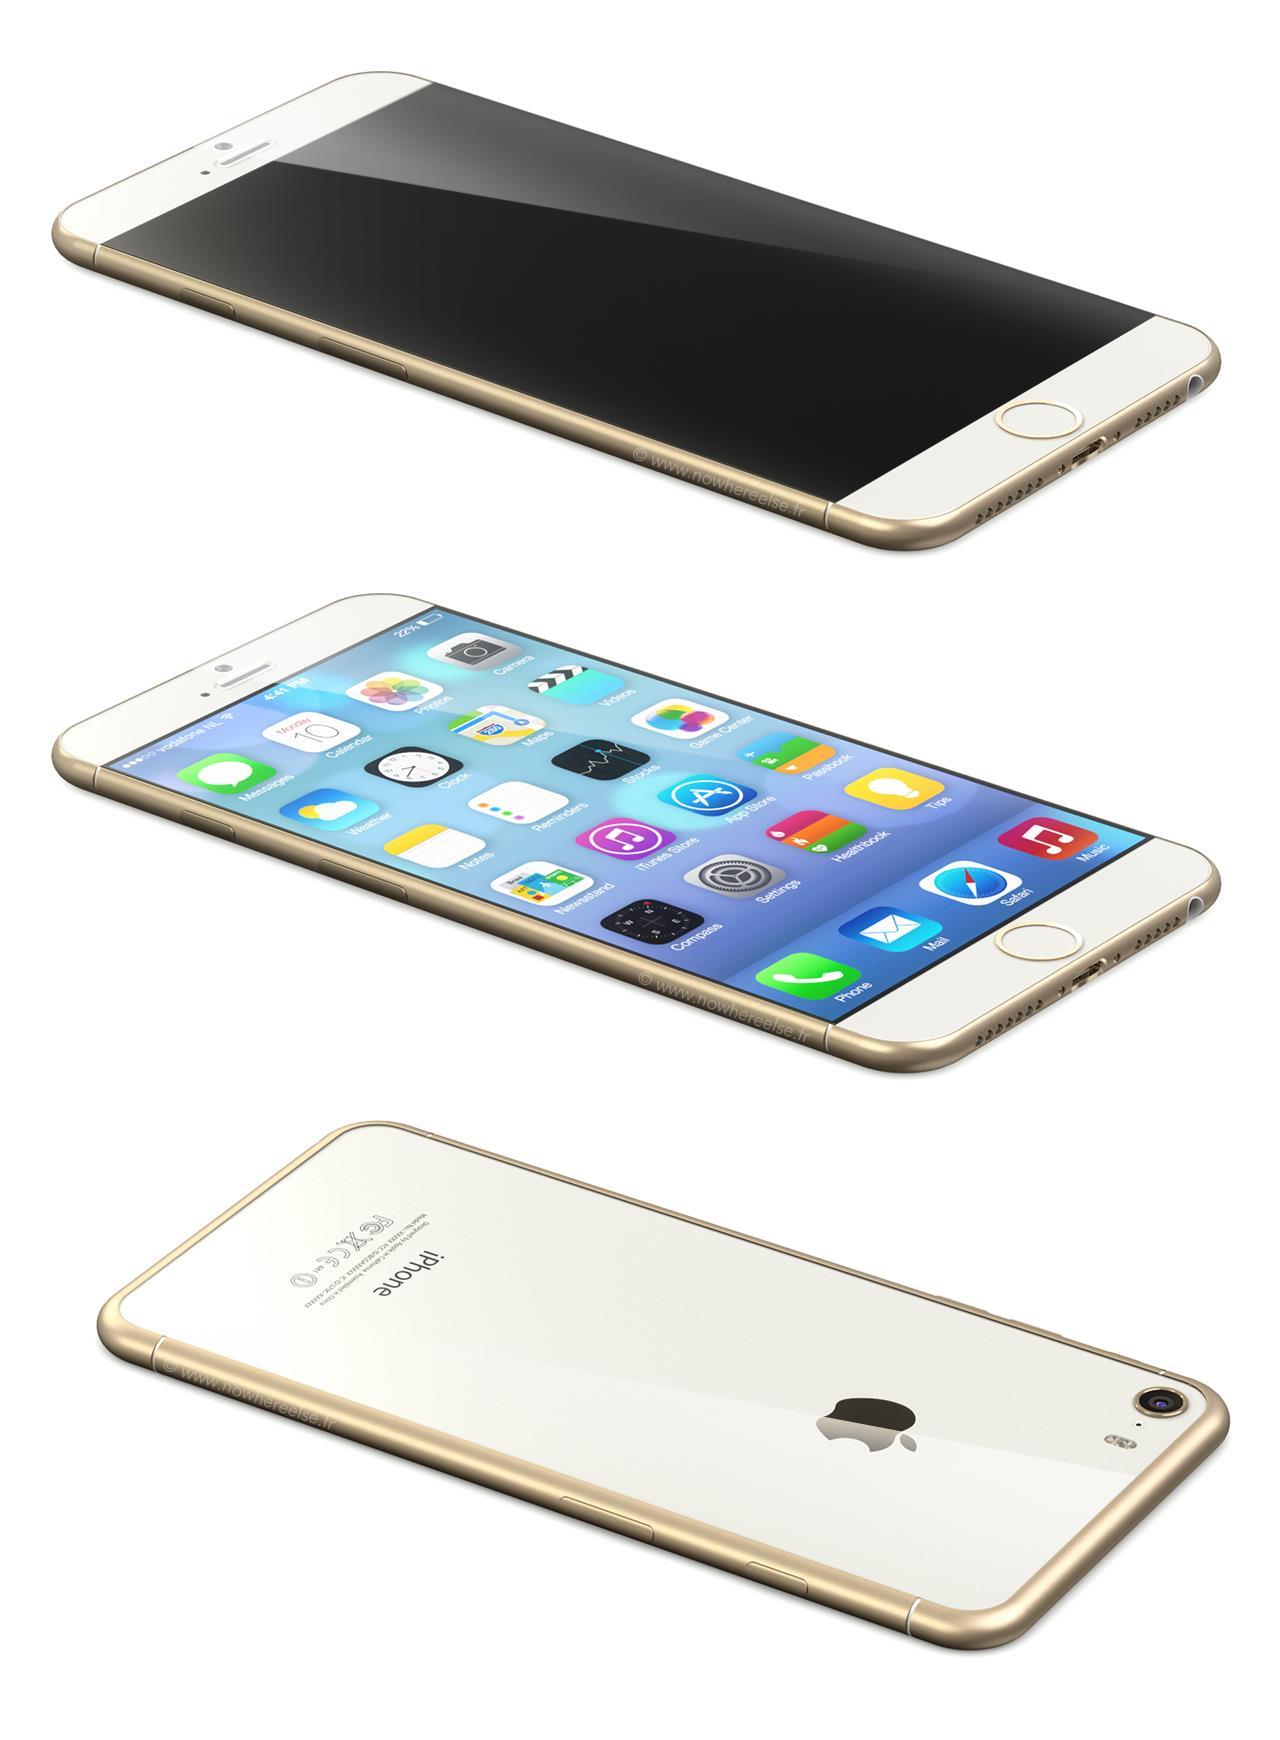 concept di iPhone 6 bianco